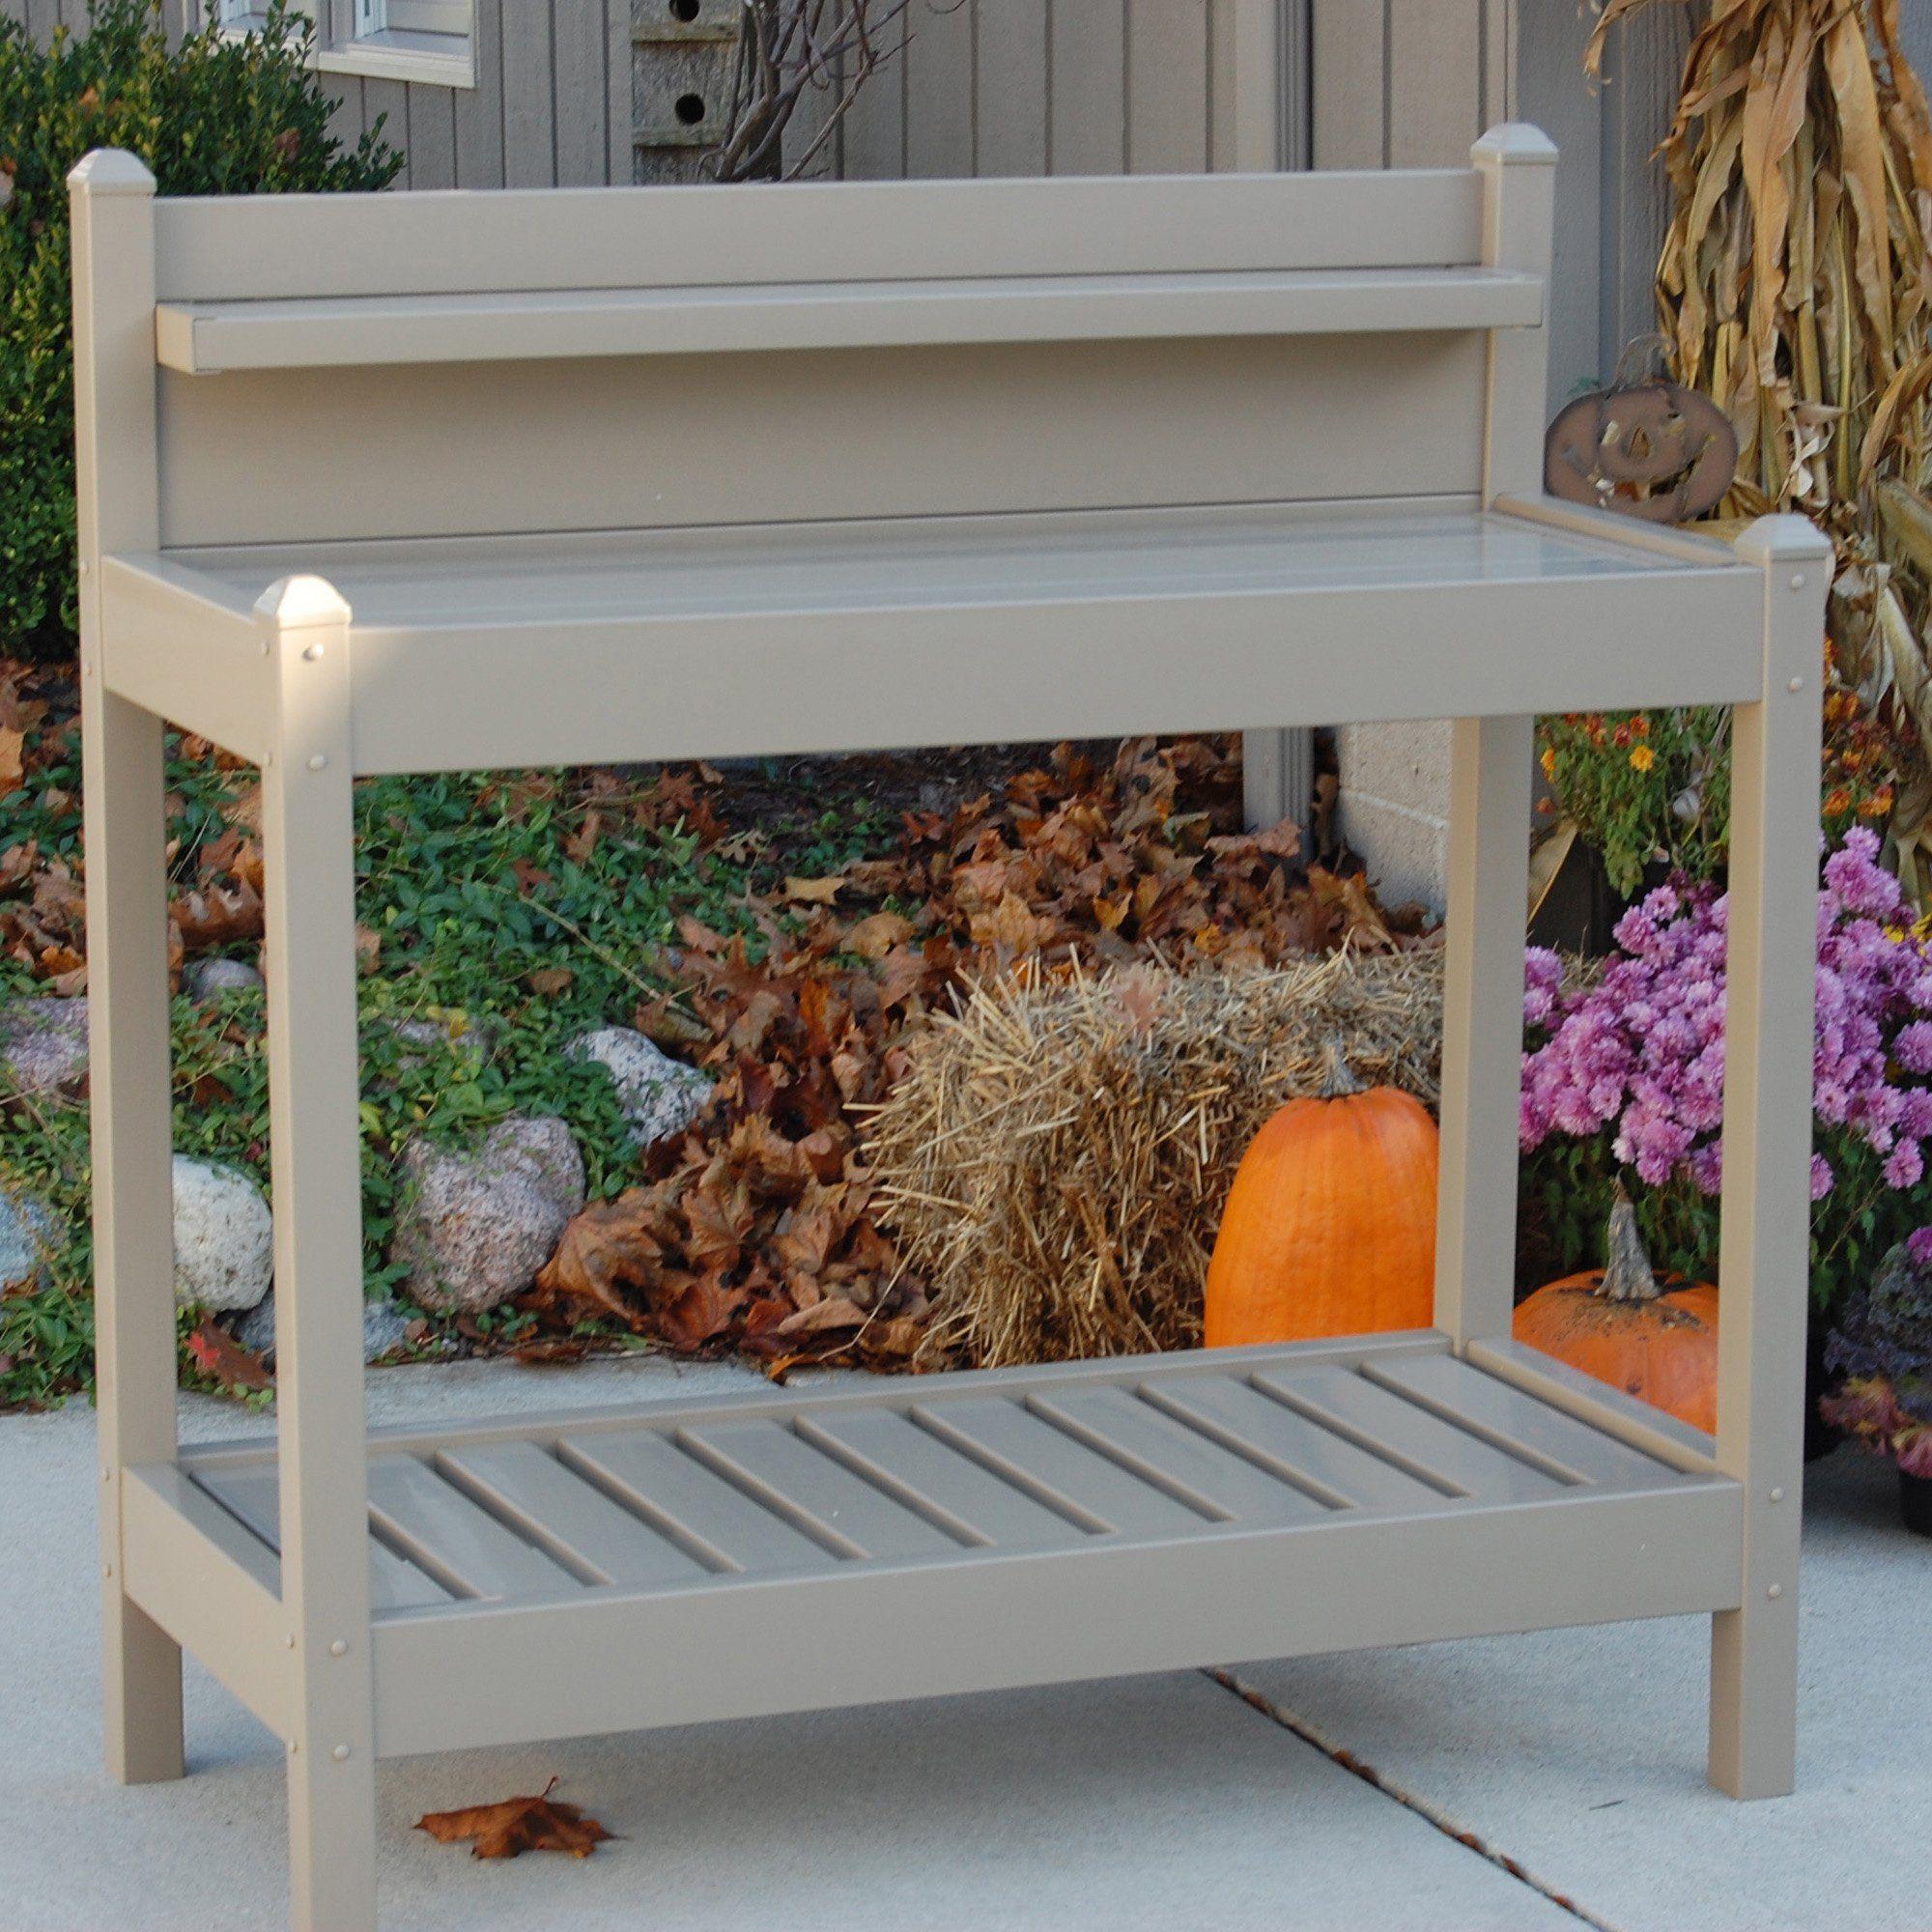 Dura Trel Vinyl Greenfield Potting Bench Mocha Potting Bench Outdoor Potting Bench Bench